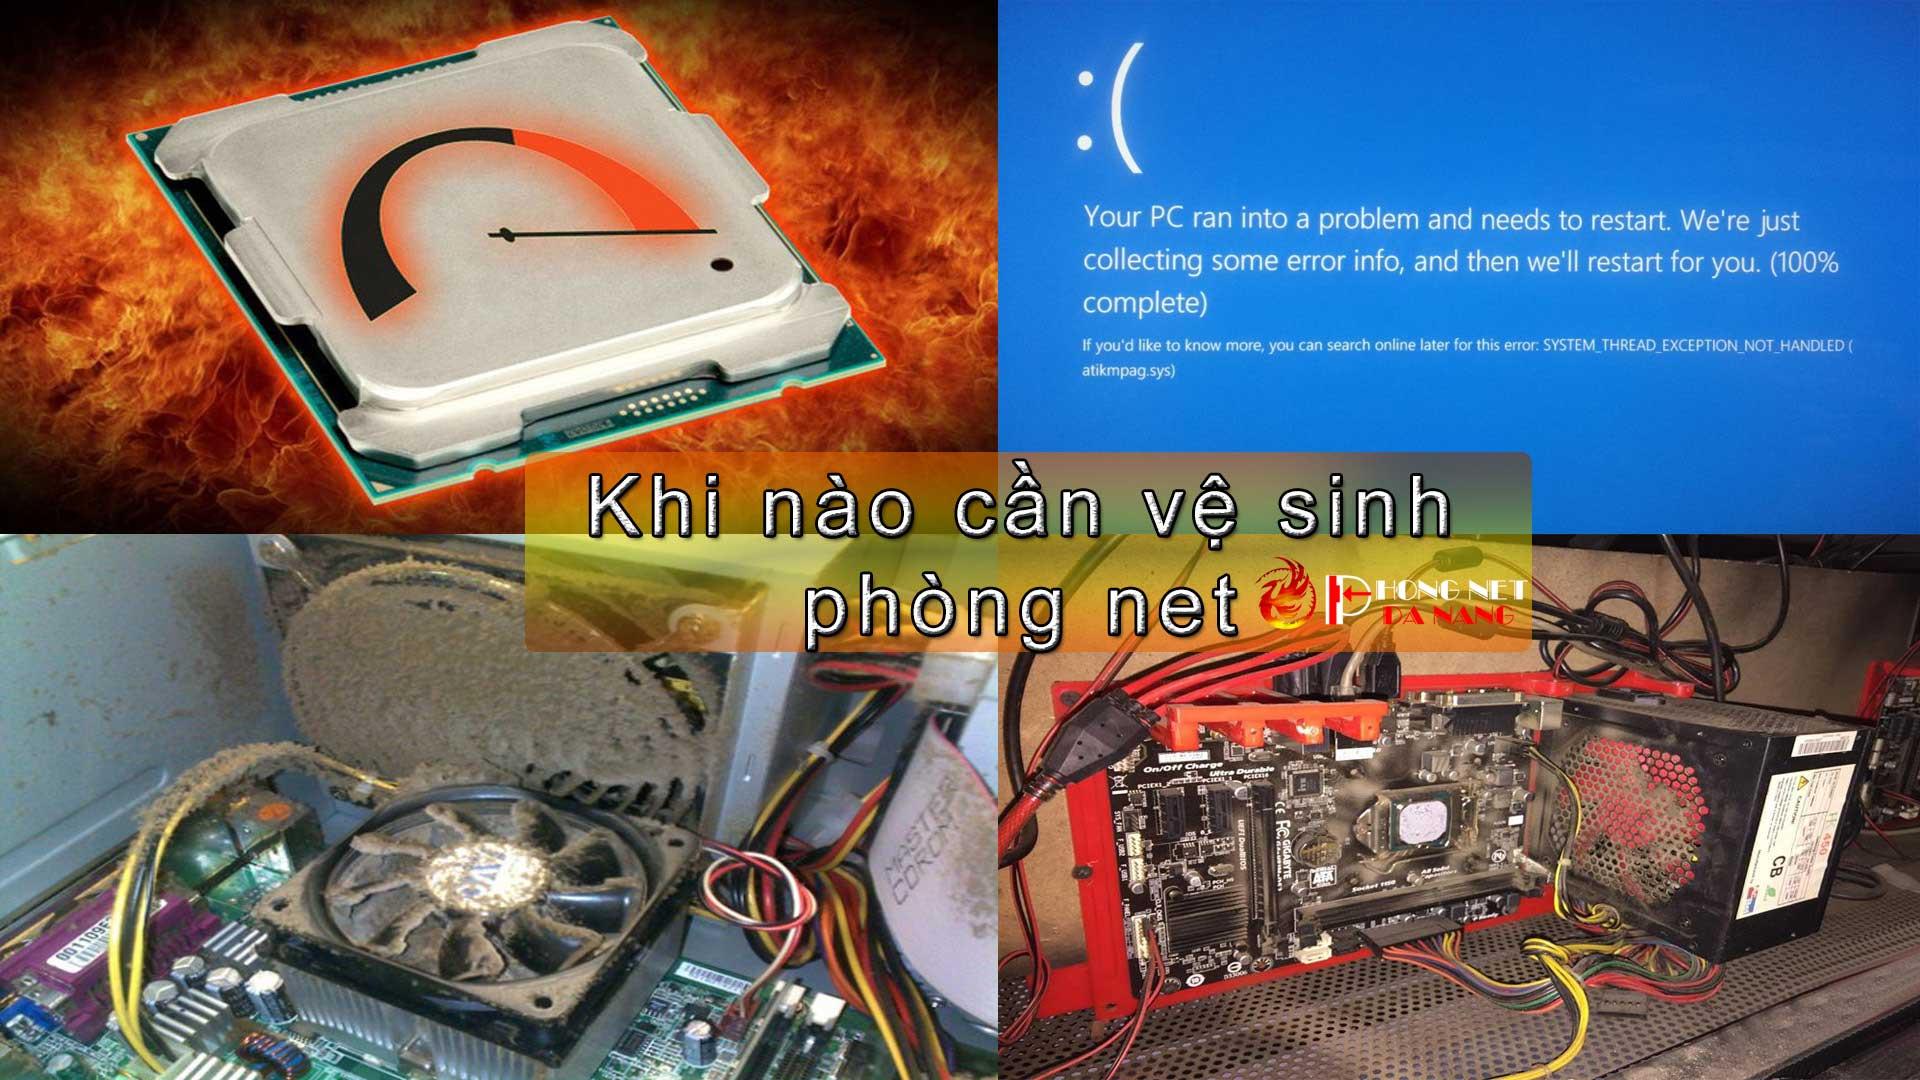 dich-vu-ve-sinh-phong-net-tron-goi-tai-da-nang-phongnetdanang.com-3